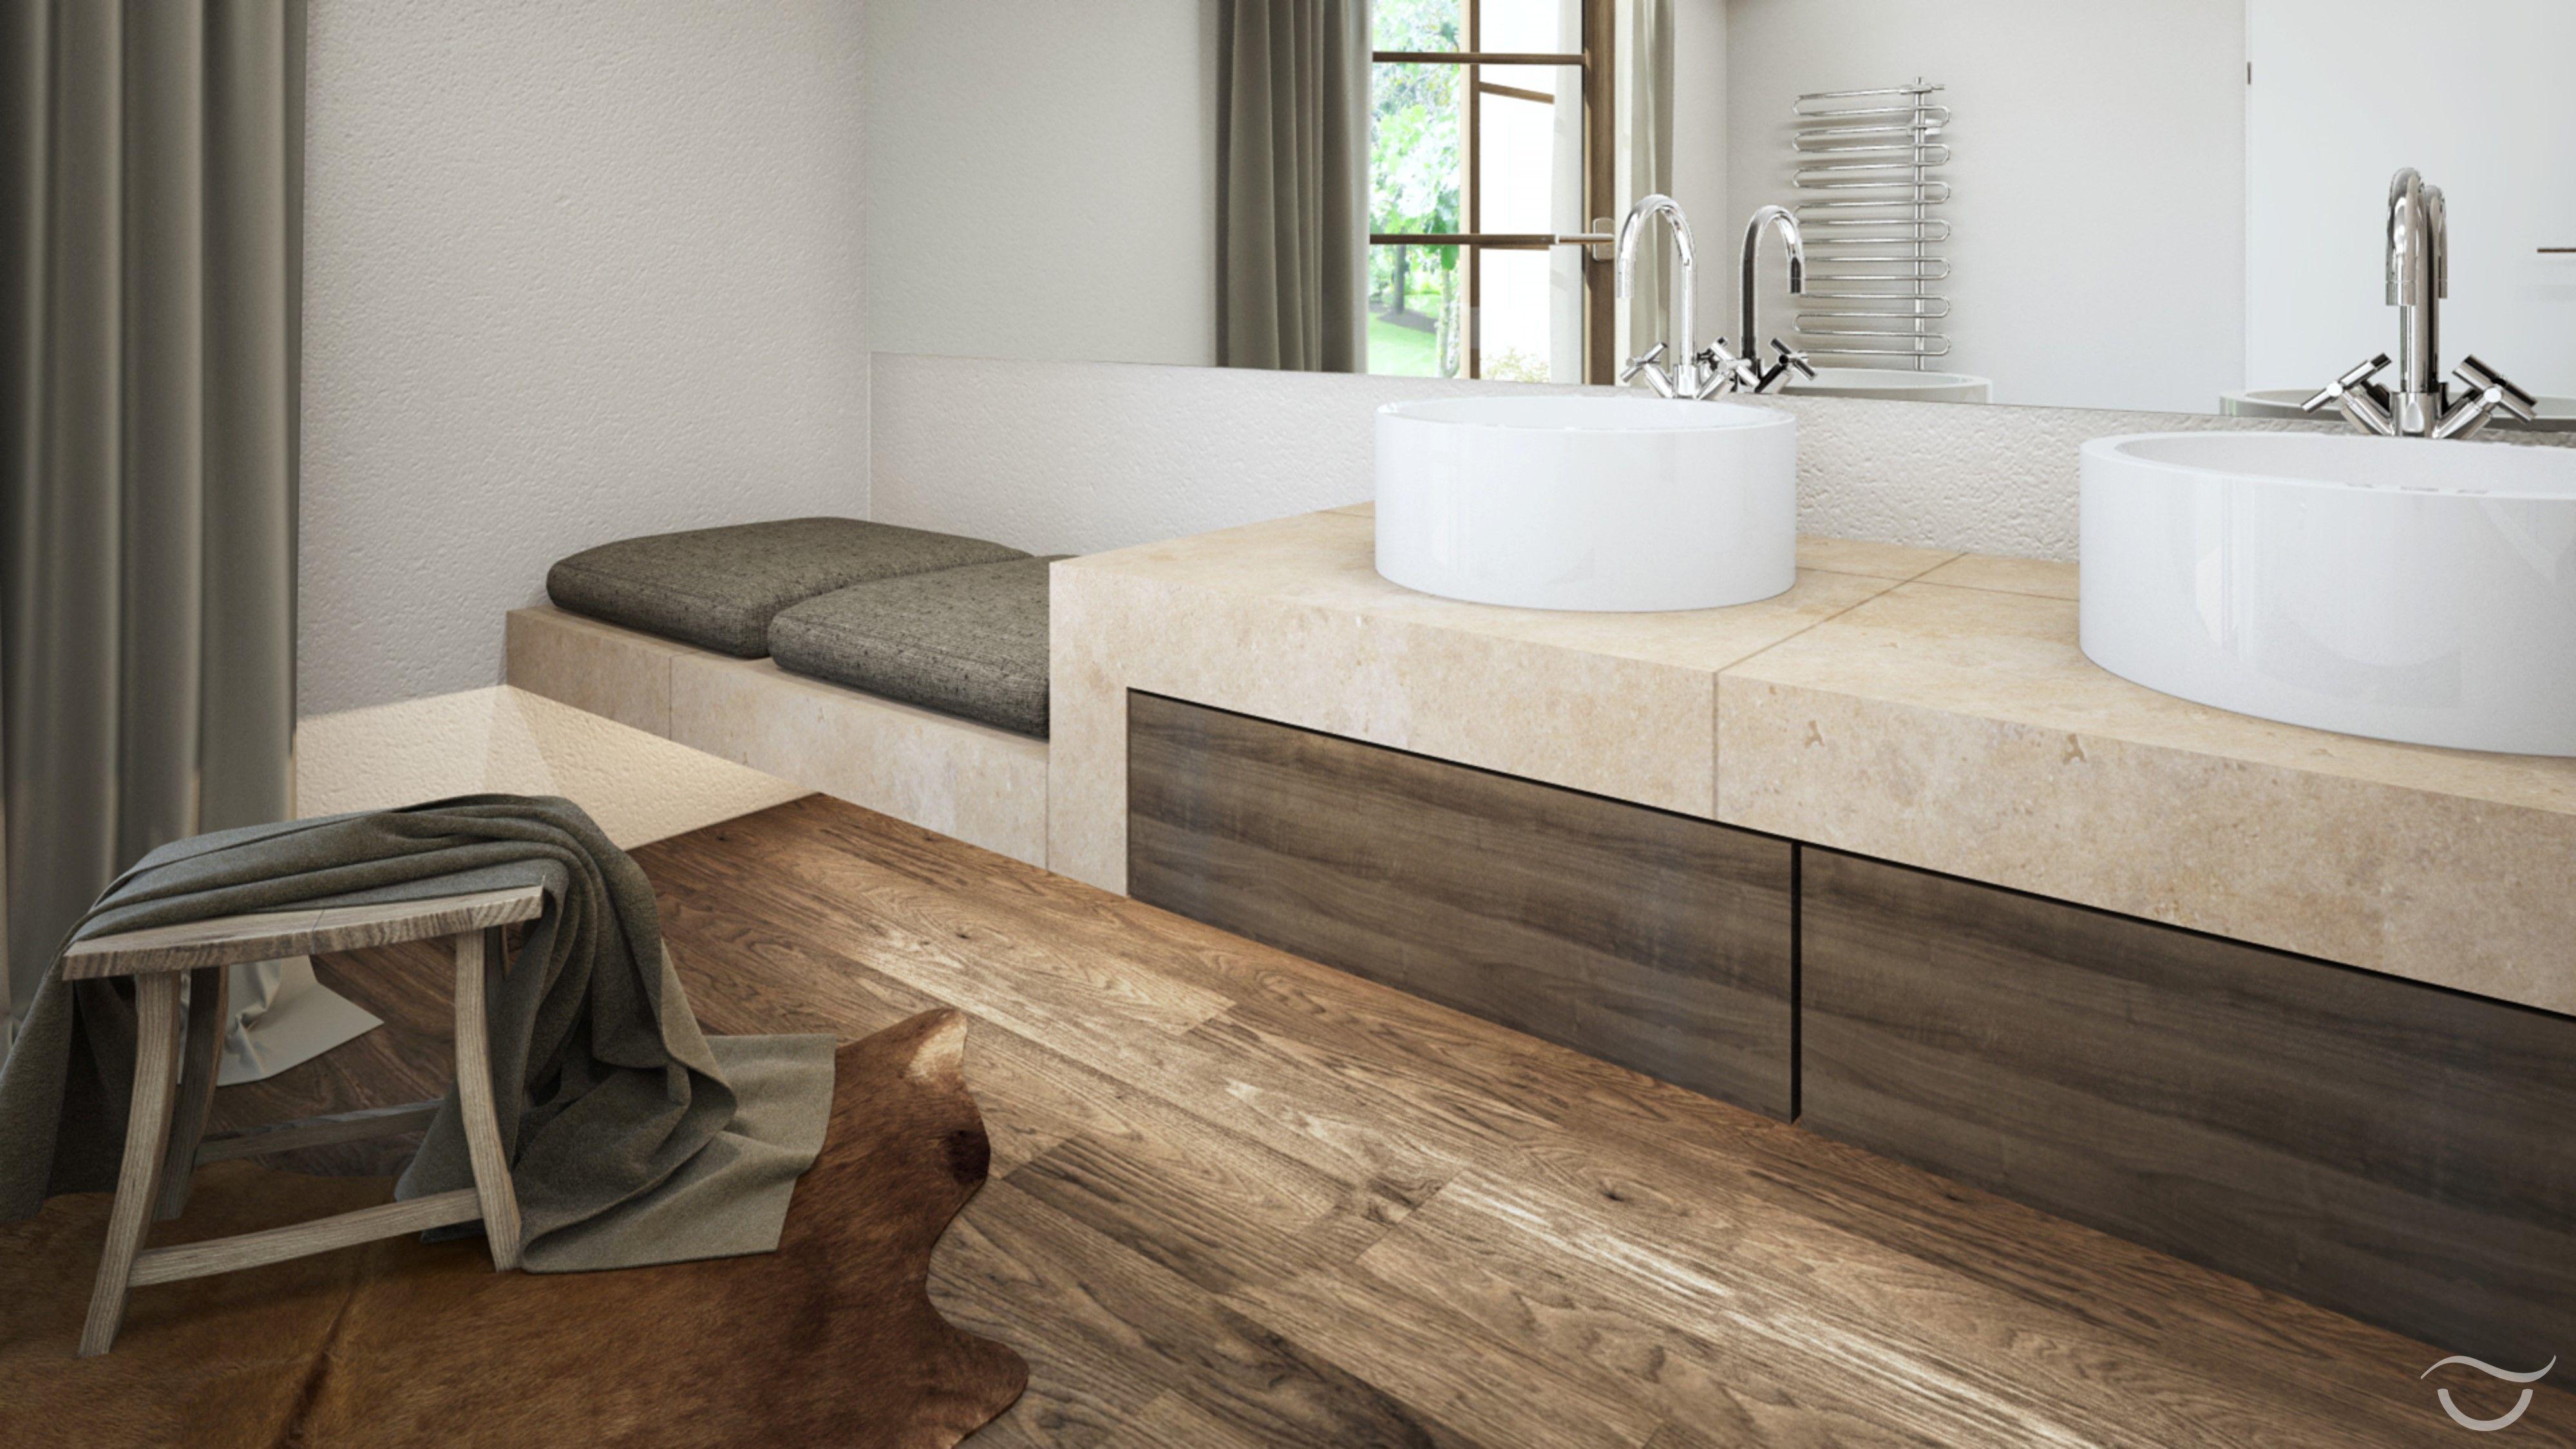 Rustikales Badezimmer Design Mit Holzboden Ein Fellteppich Im Bad Halt Ihre Fusse Zusatzlich Warm Badezimmer Badezimmer Design Badrenovierung